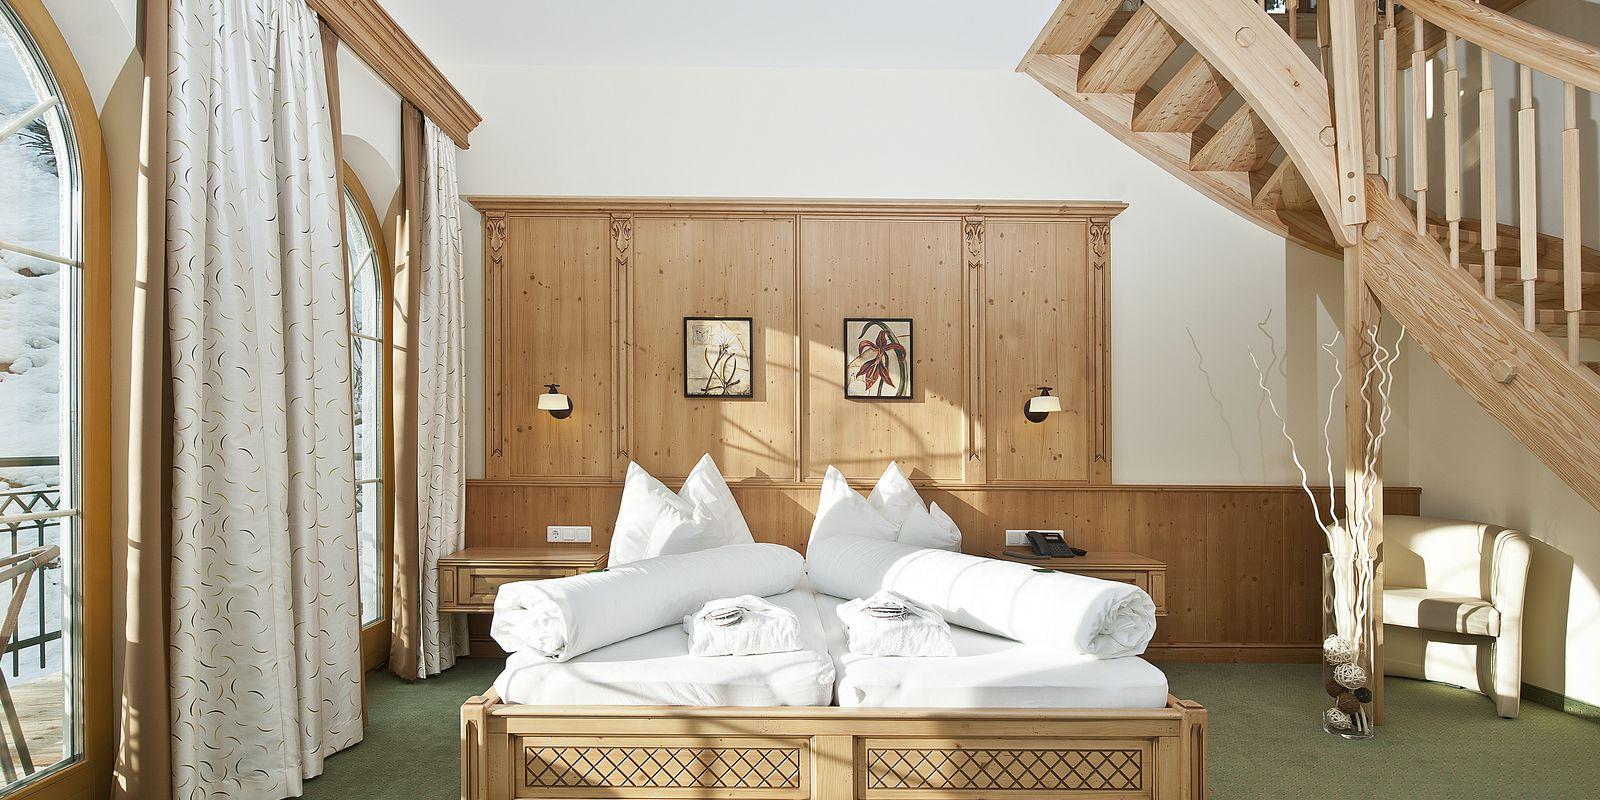 großes Bett in der Panoramasuite